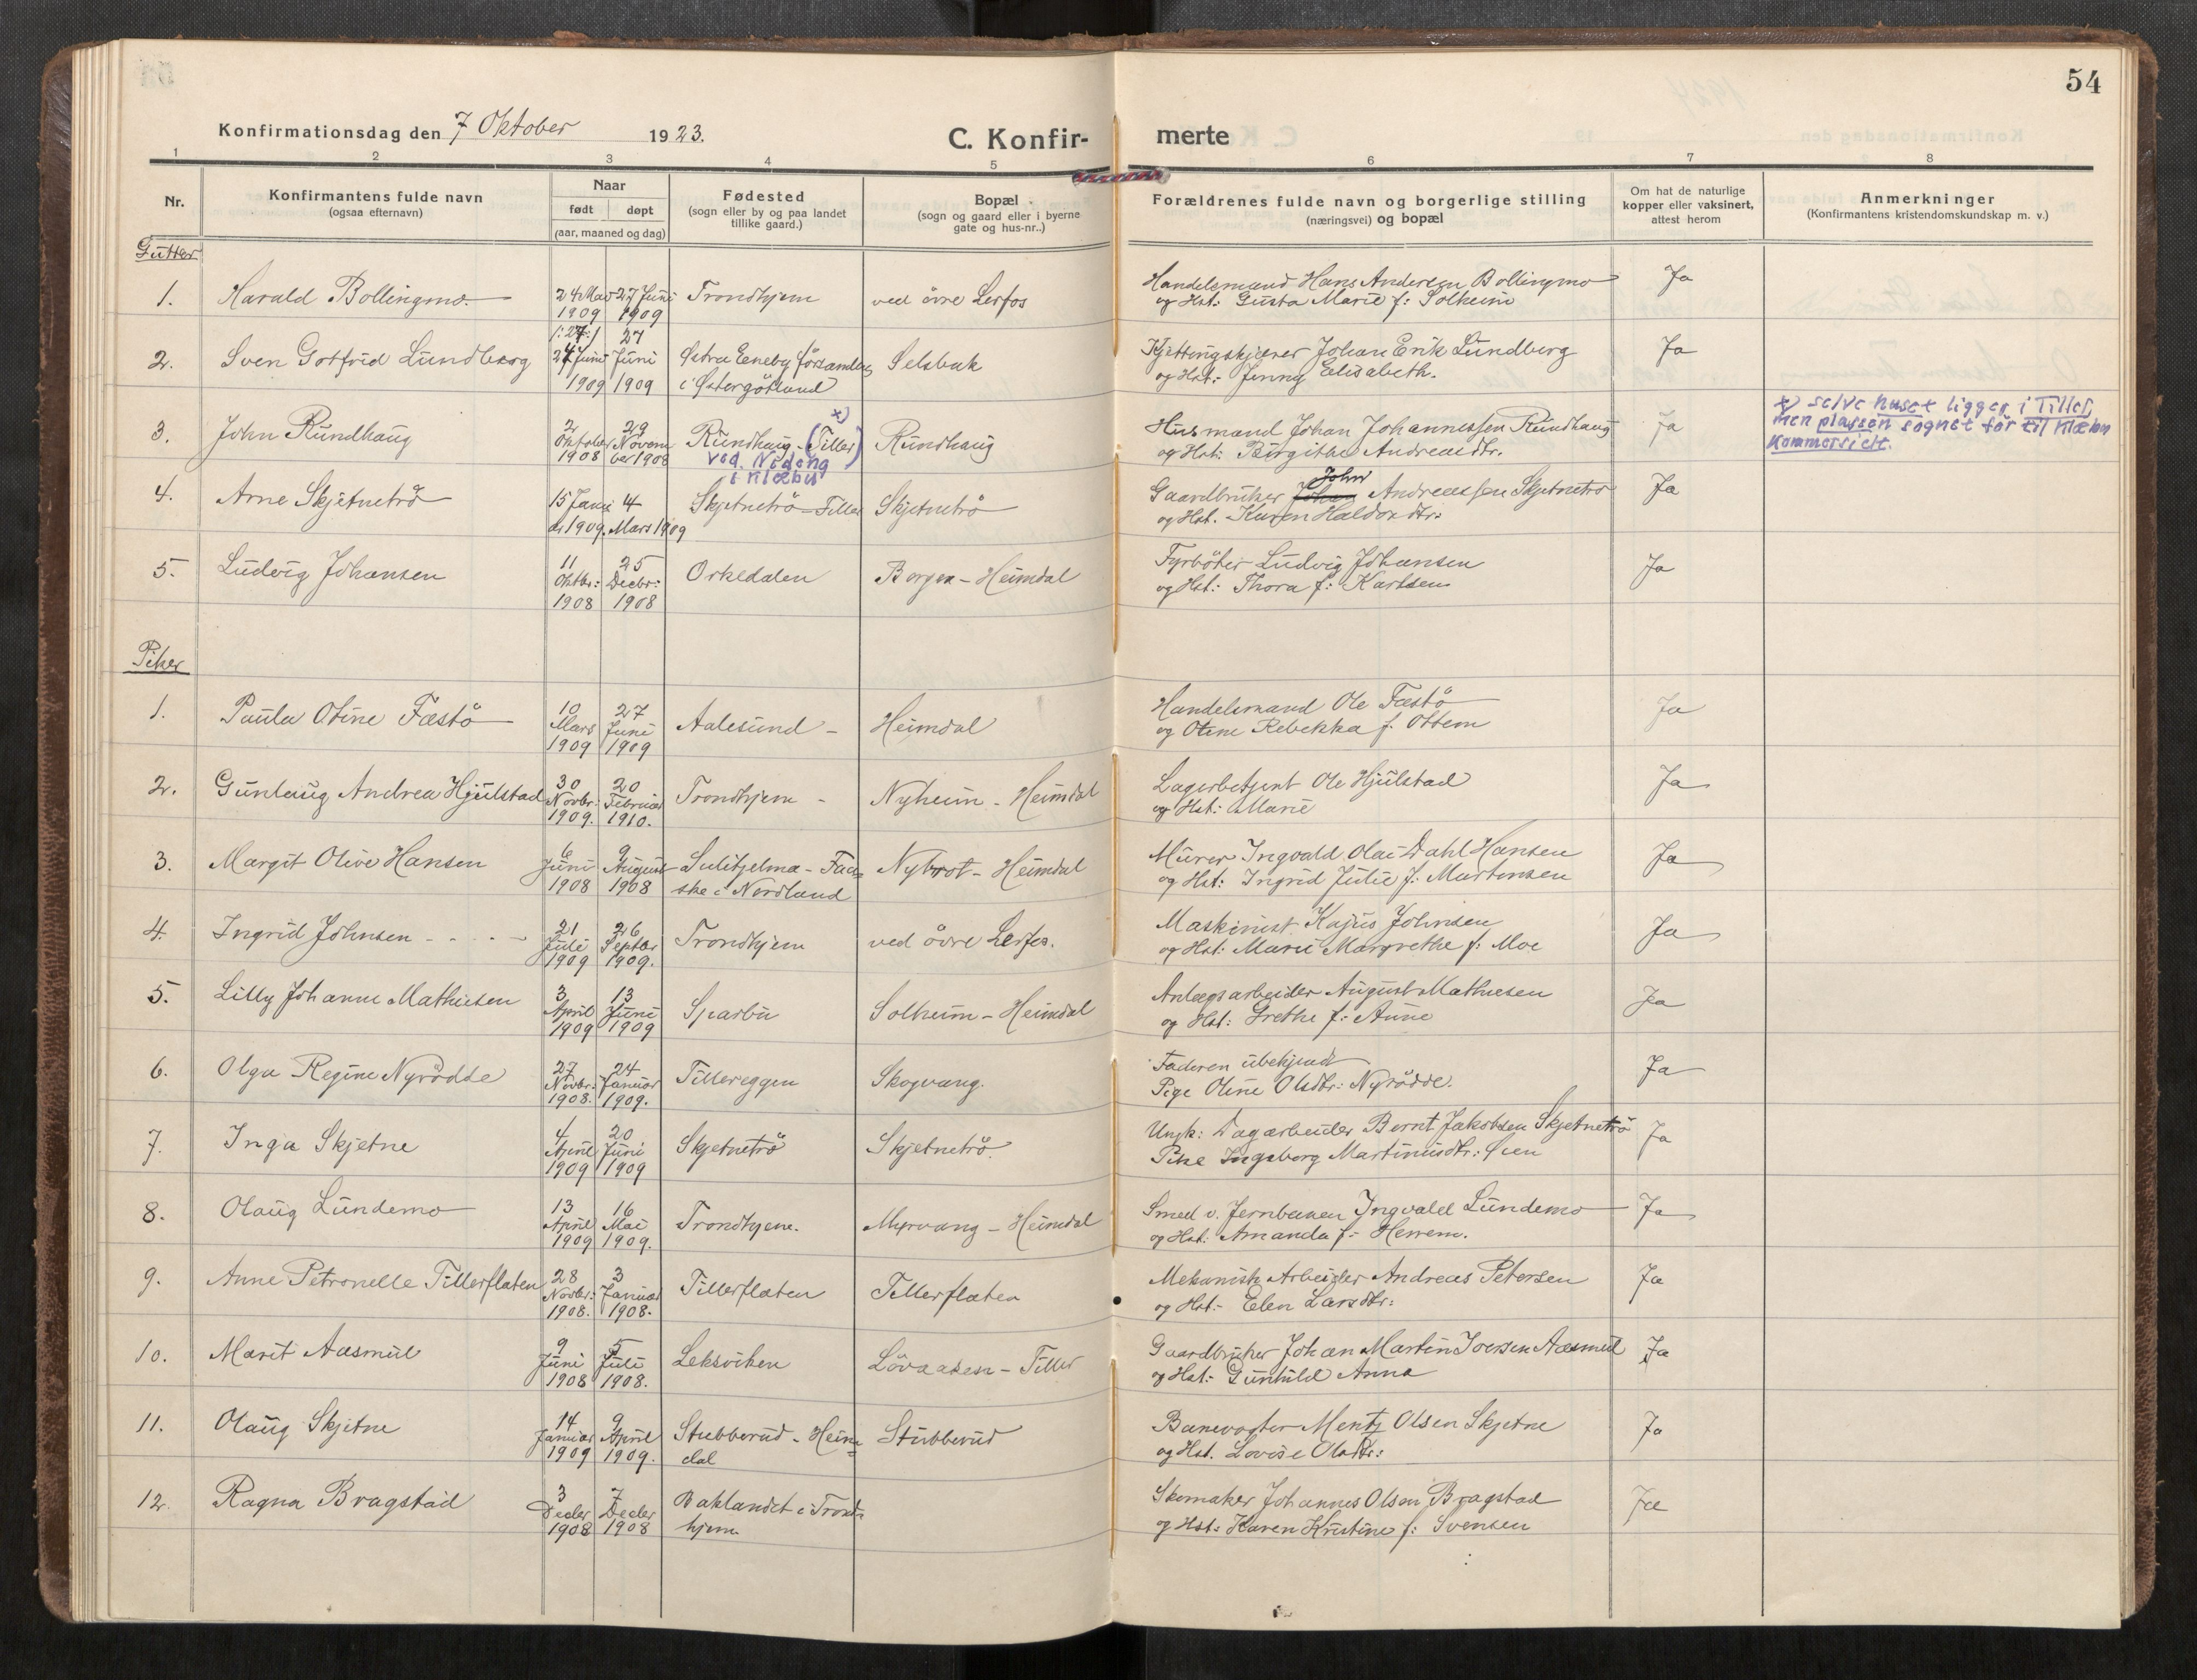 SAT, Klæbu sokneprestkontor, Parish register (official) no. 3, 1917-1924, p. 54